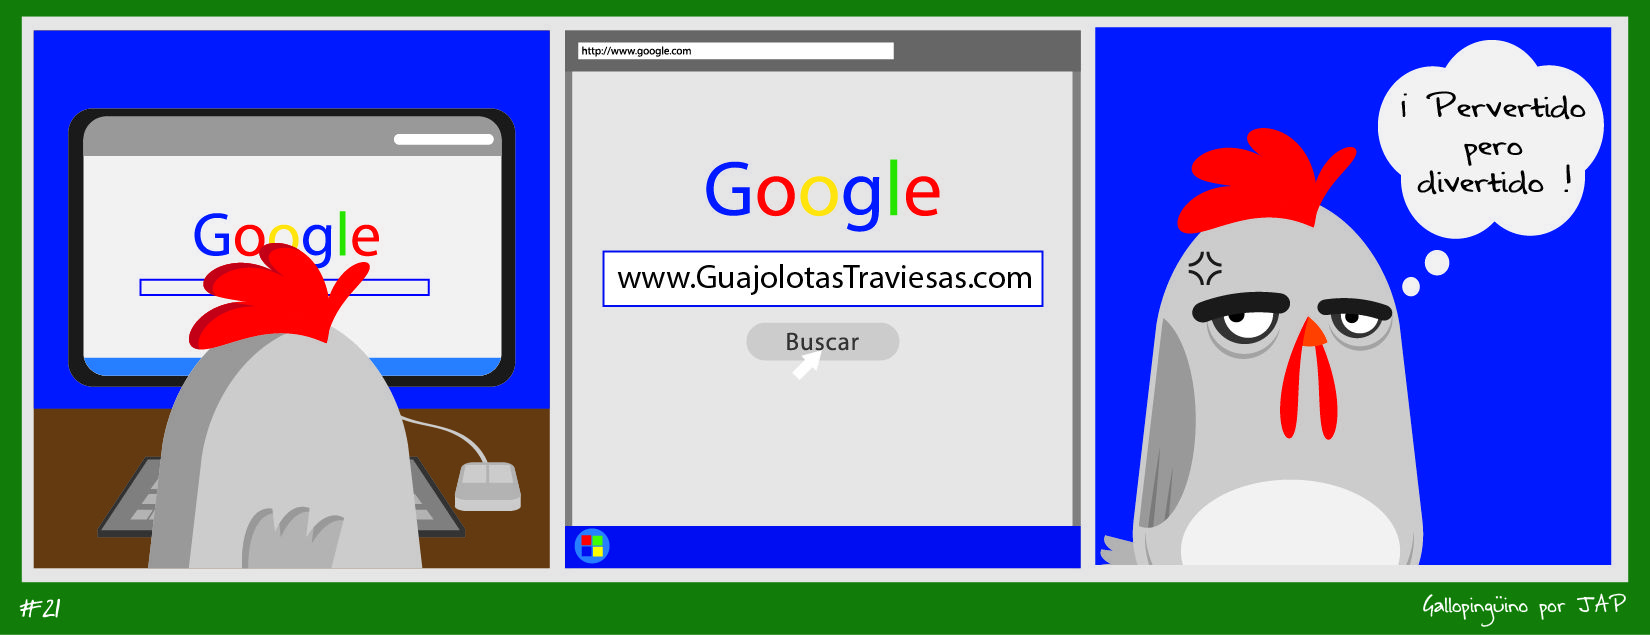 """""""Martes de Recalentado"""" presenta Gallopingüino No. 21 !!! Porque somos gente decente !!! #GallopinguinoQuotes www.facebook.com/gallopinguino"""